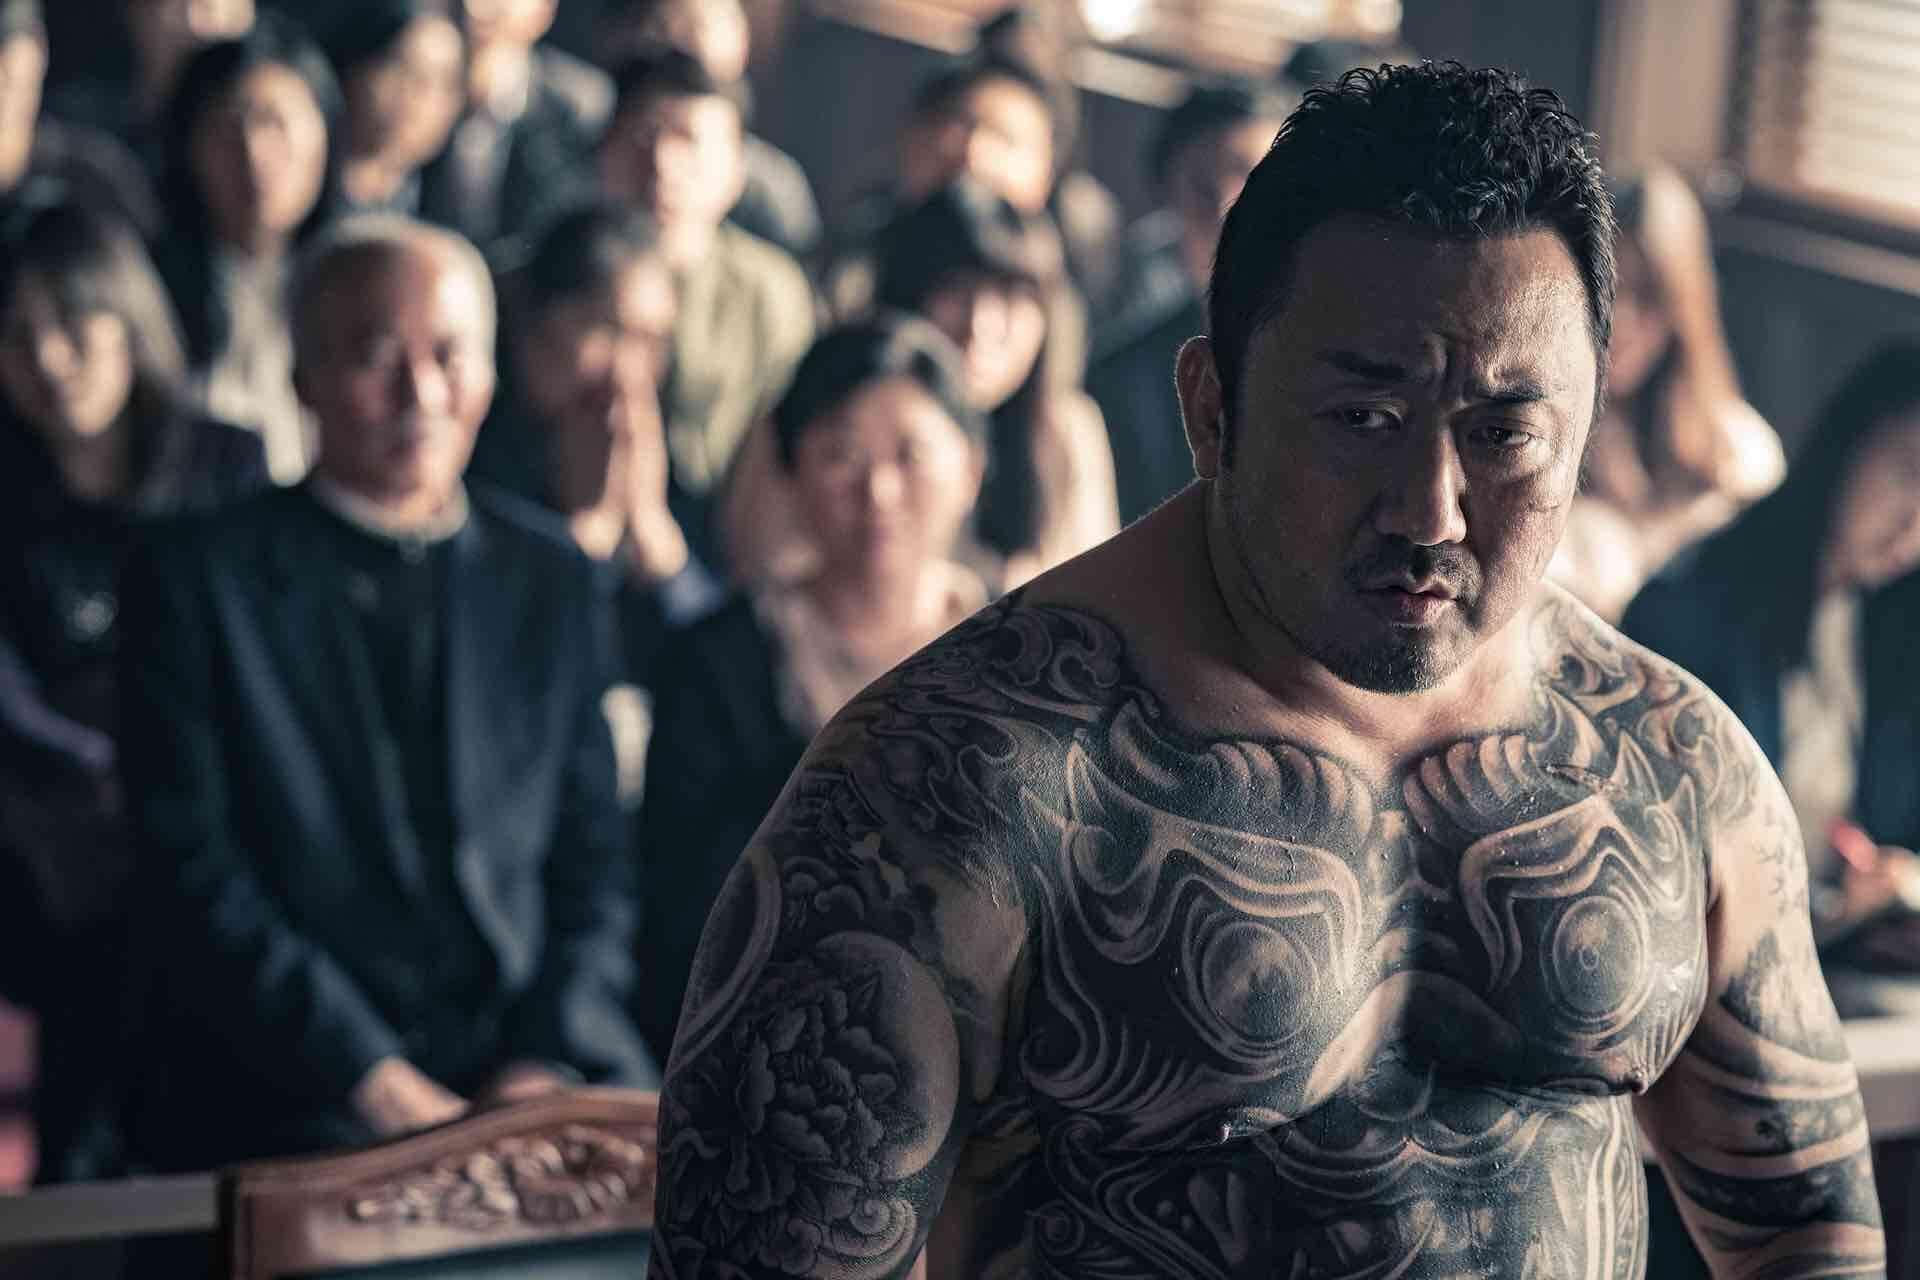 隣の席にマ・ドンソク現る!異例の大ヒットを遂げた韓国映画『悪人伝』のソーシャルディスタンスパネルが劇場に設置決定 film200619_akuninden_5-1920x1280